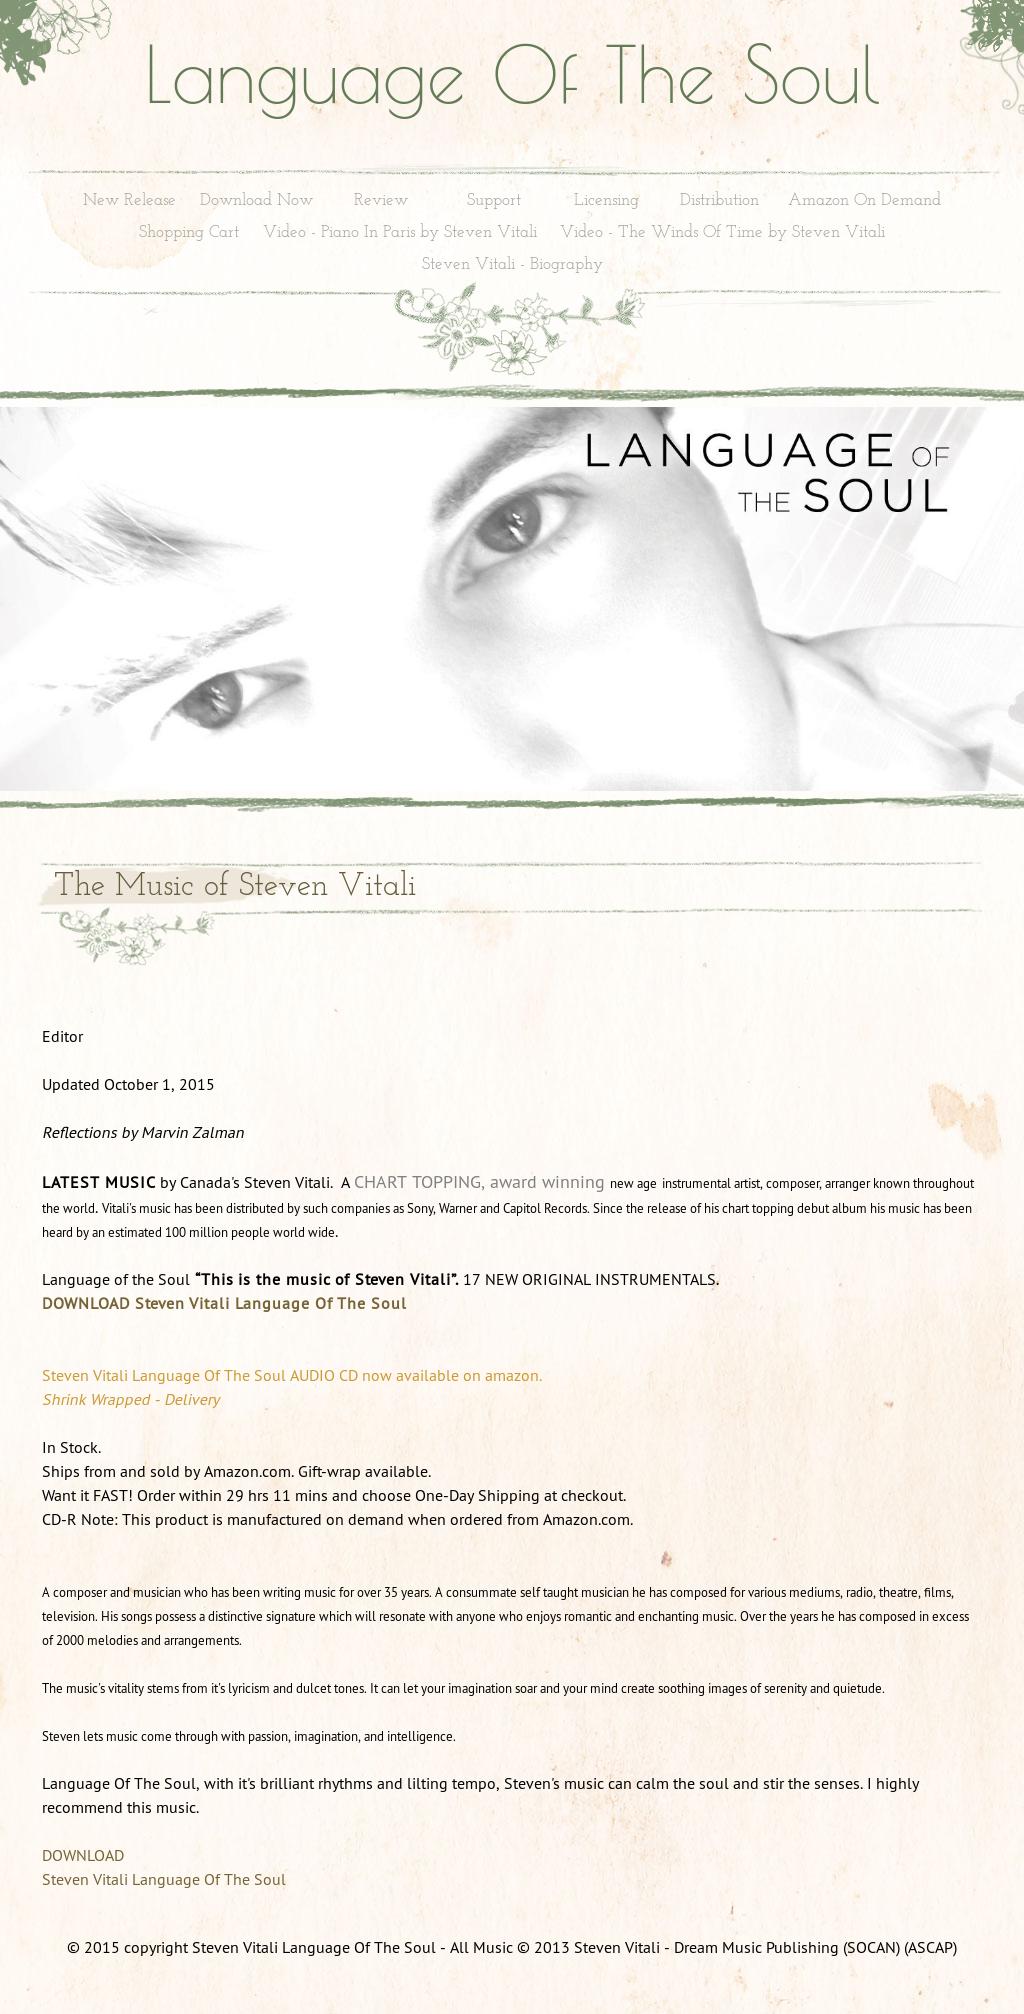 Steven Vitali Language Of The Soul Competitors, Revenue and